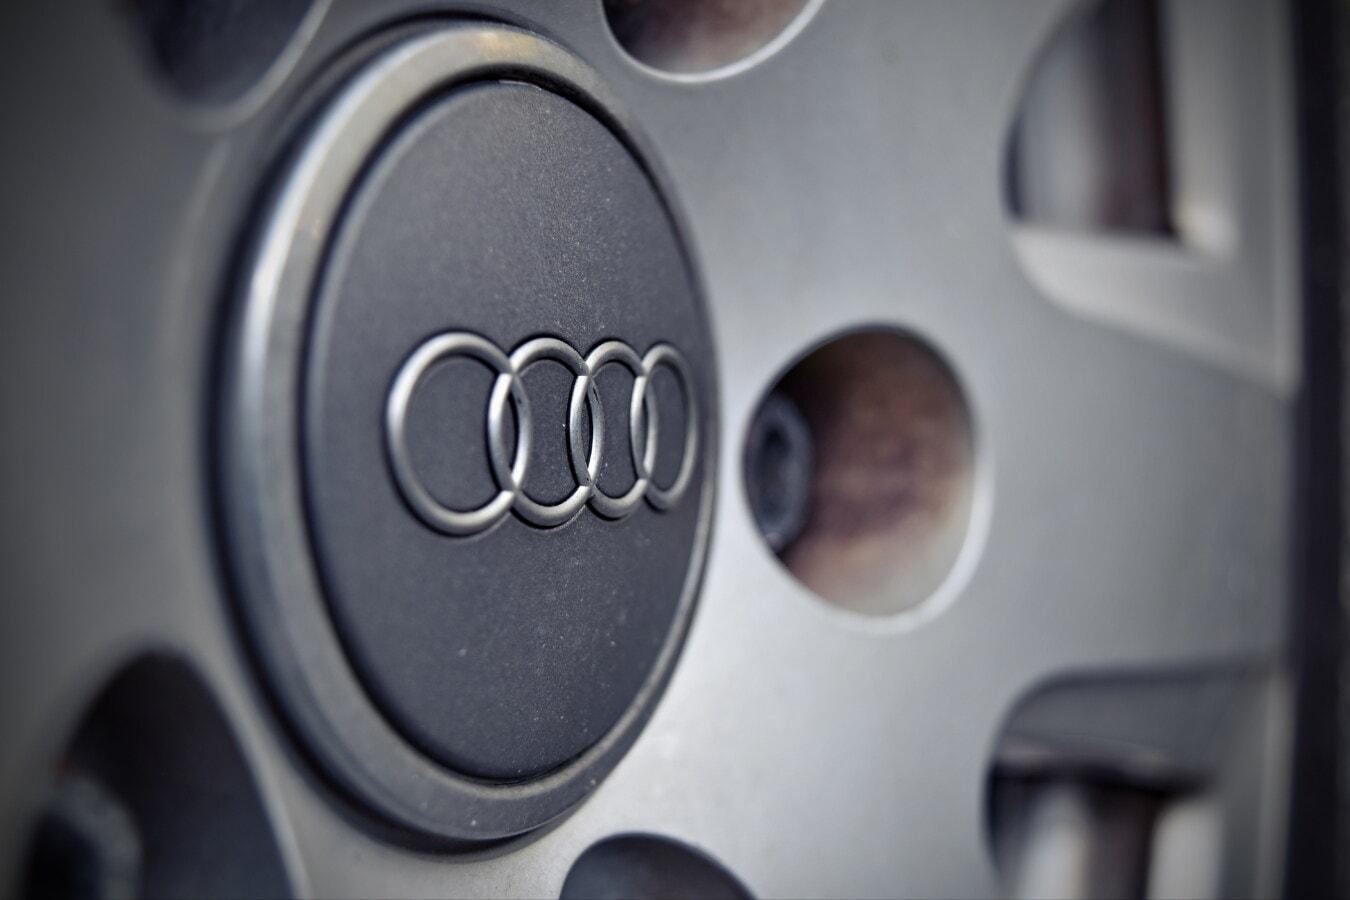 标志, 符号, 铝, 不锈钢, 奥迪, 近距离, 一轮, 圈子, 技术, 汽车